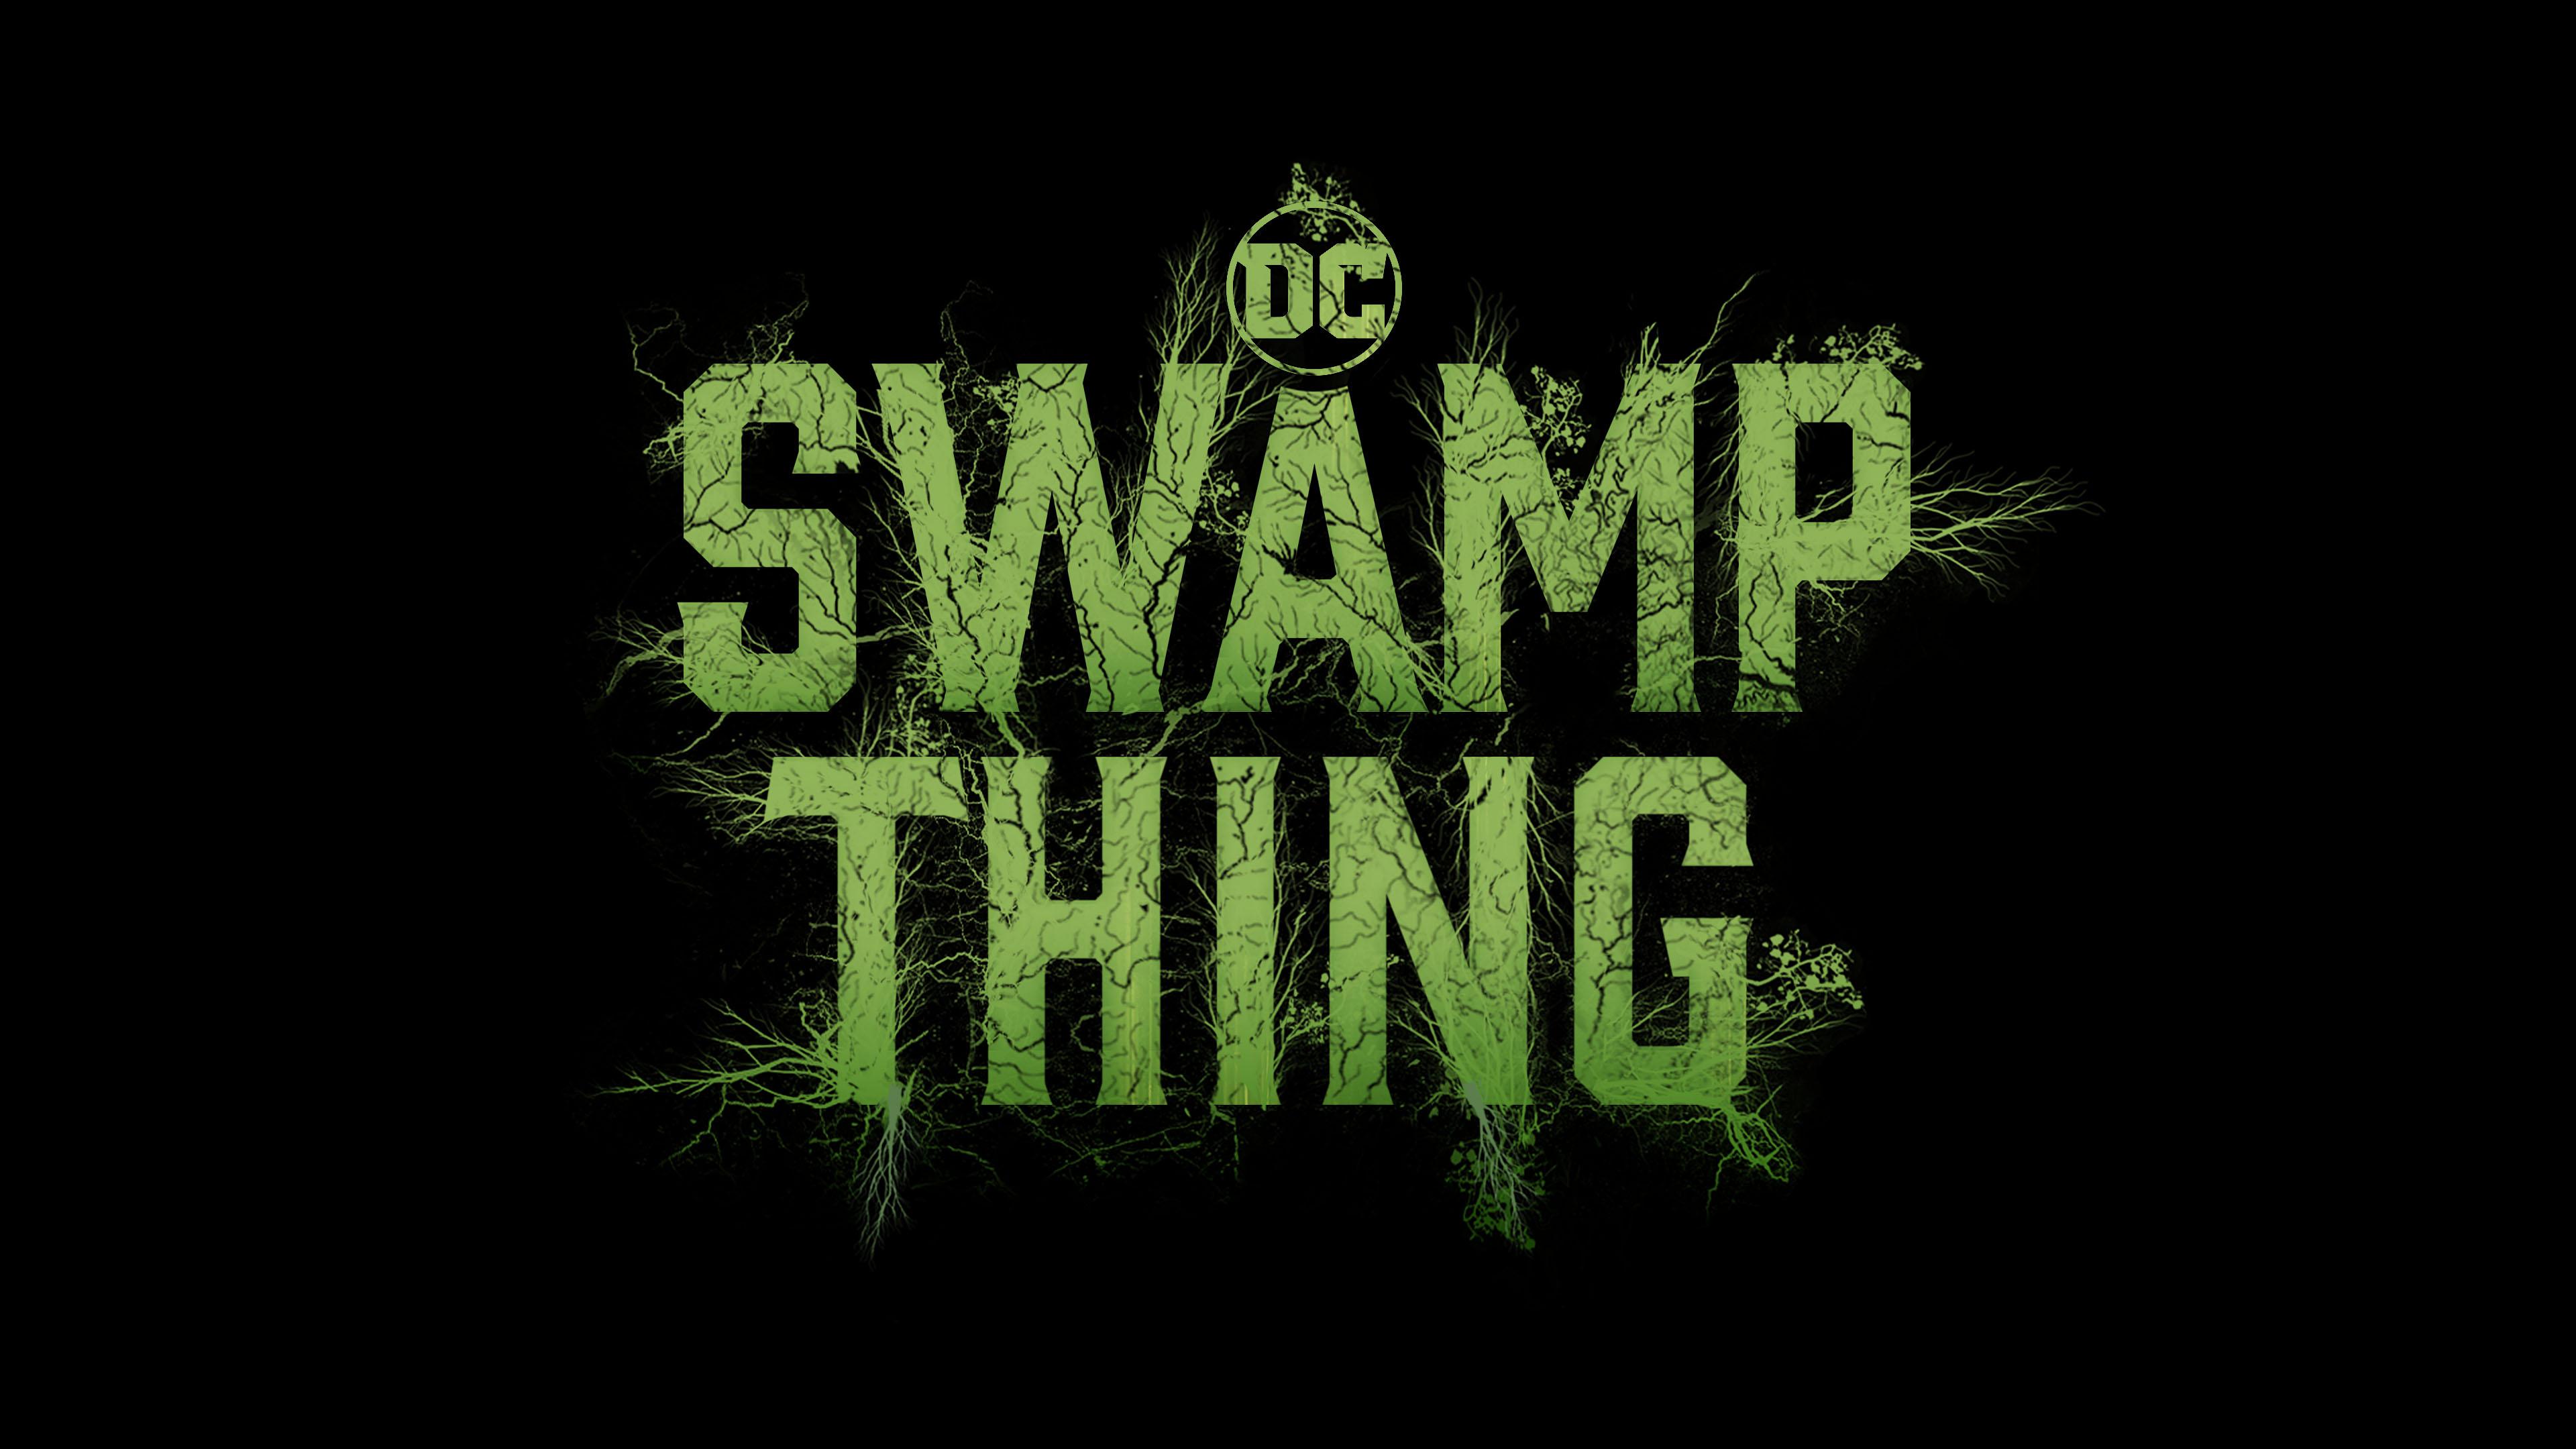 Watch Swamp Thing Season 1 on DC Universe